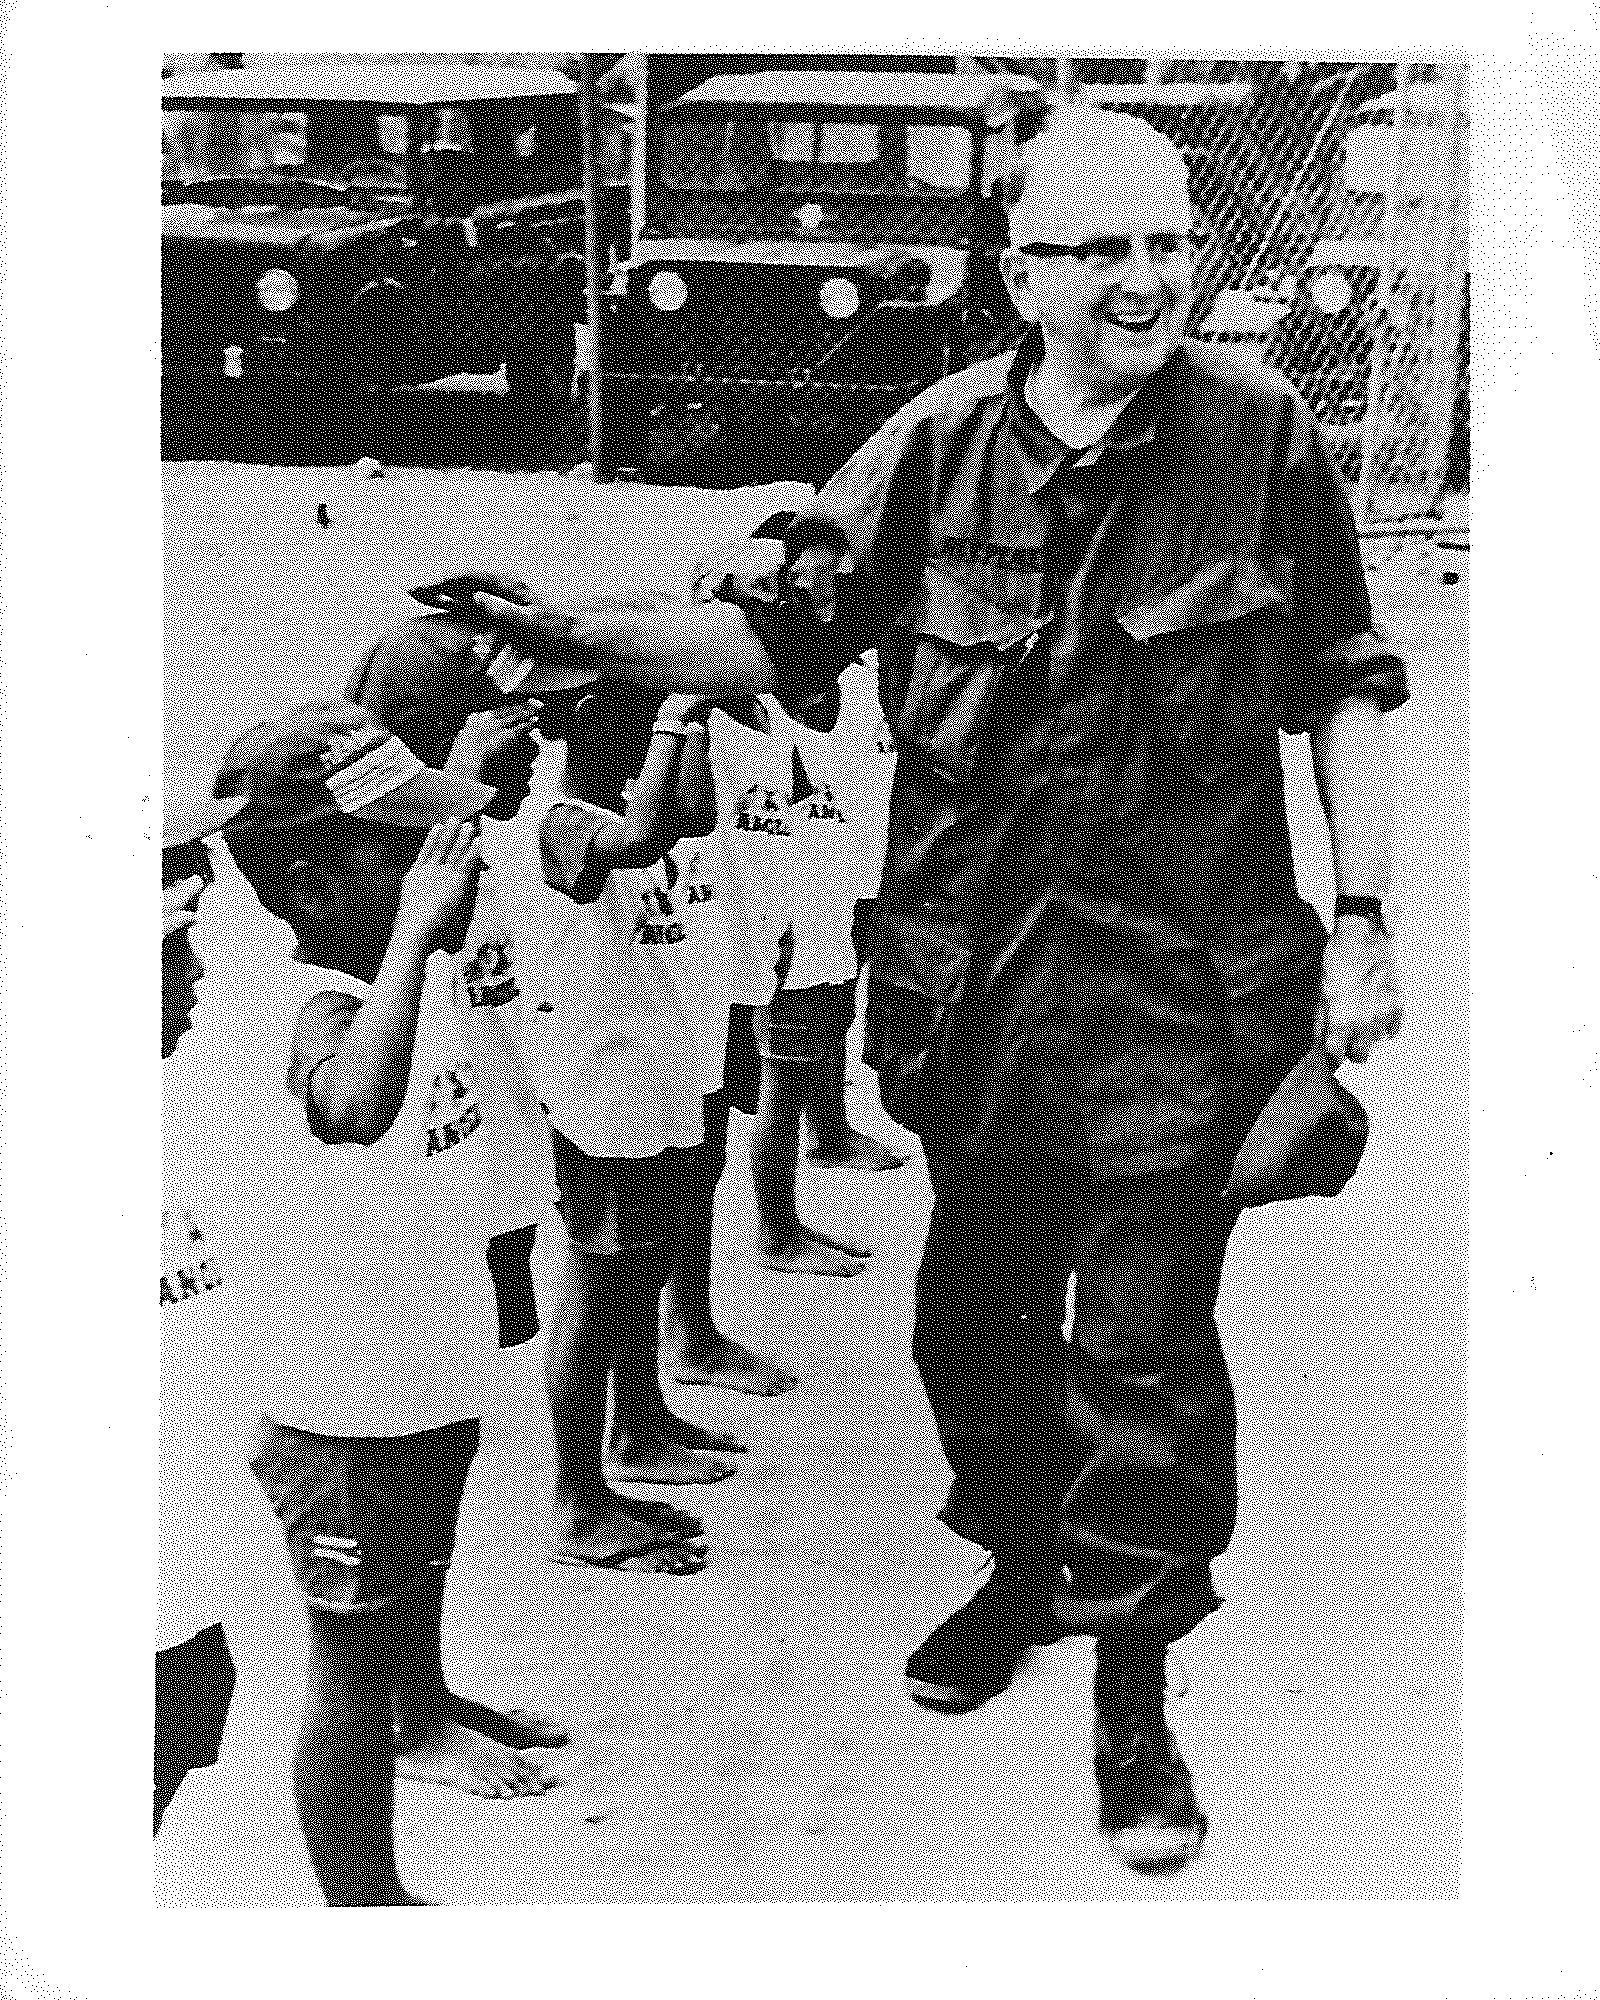 Norman Vincent Peale in Vietnam